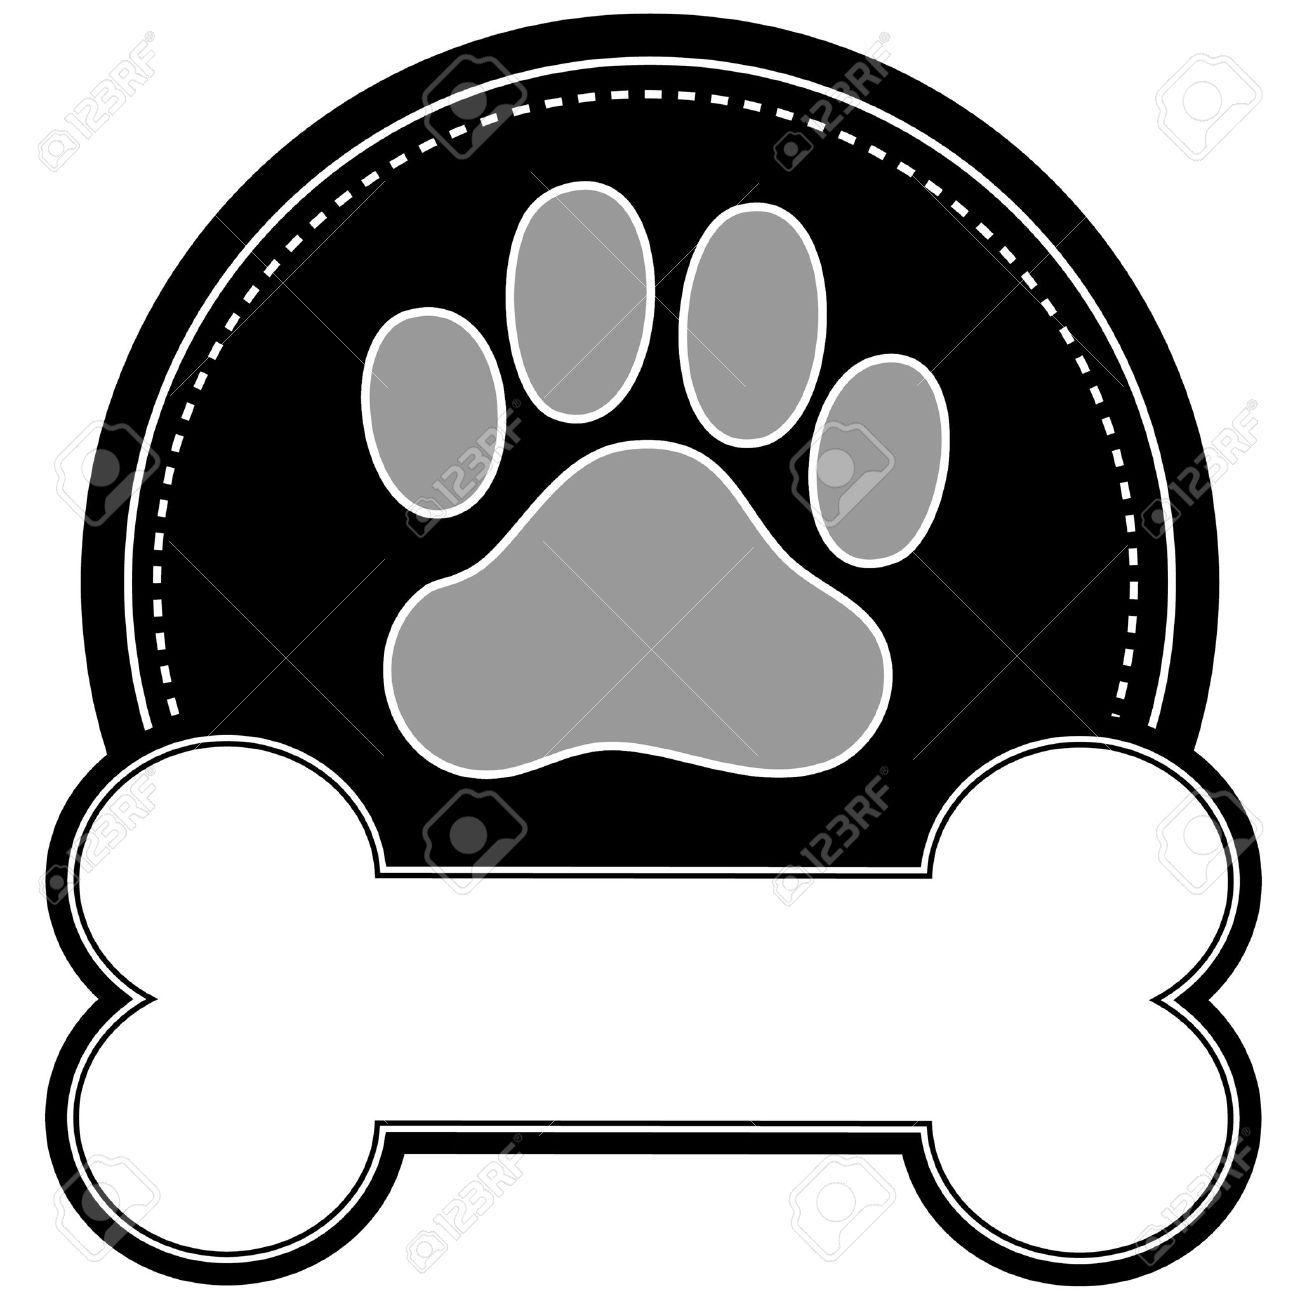 Siluetas de perros para imprimir buscar con google - Siluetas para imprimir ...